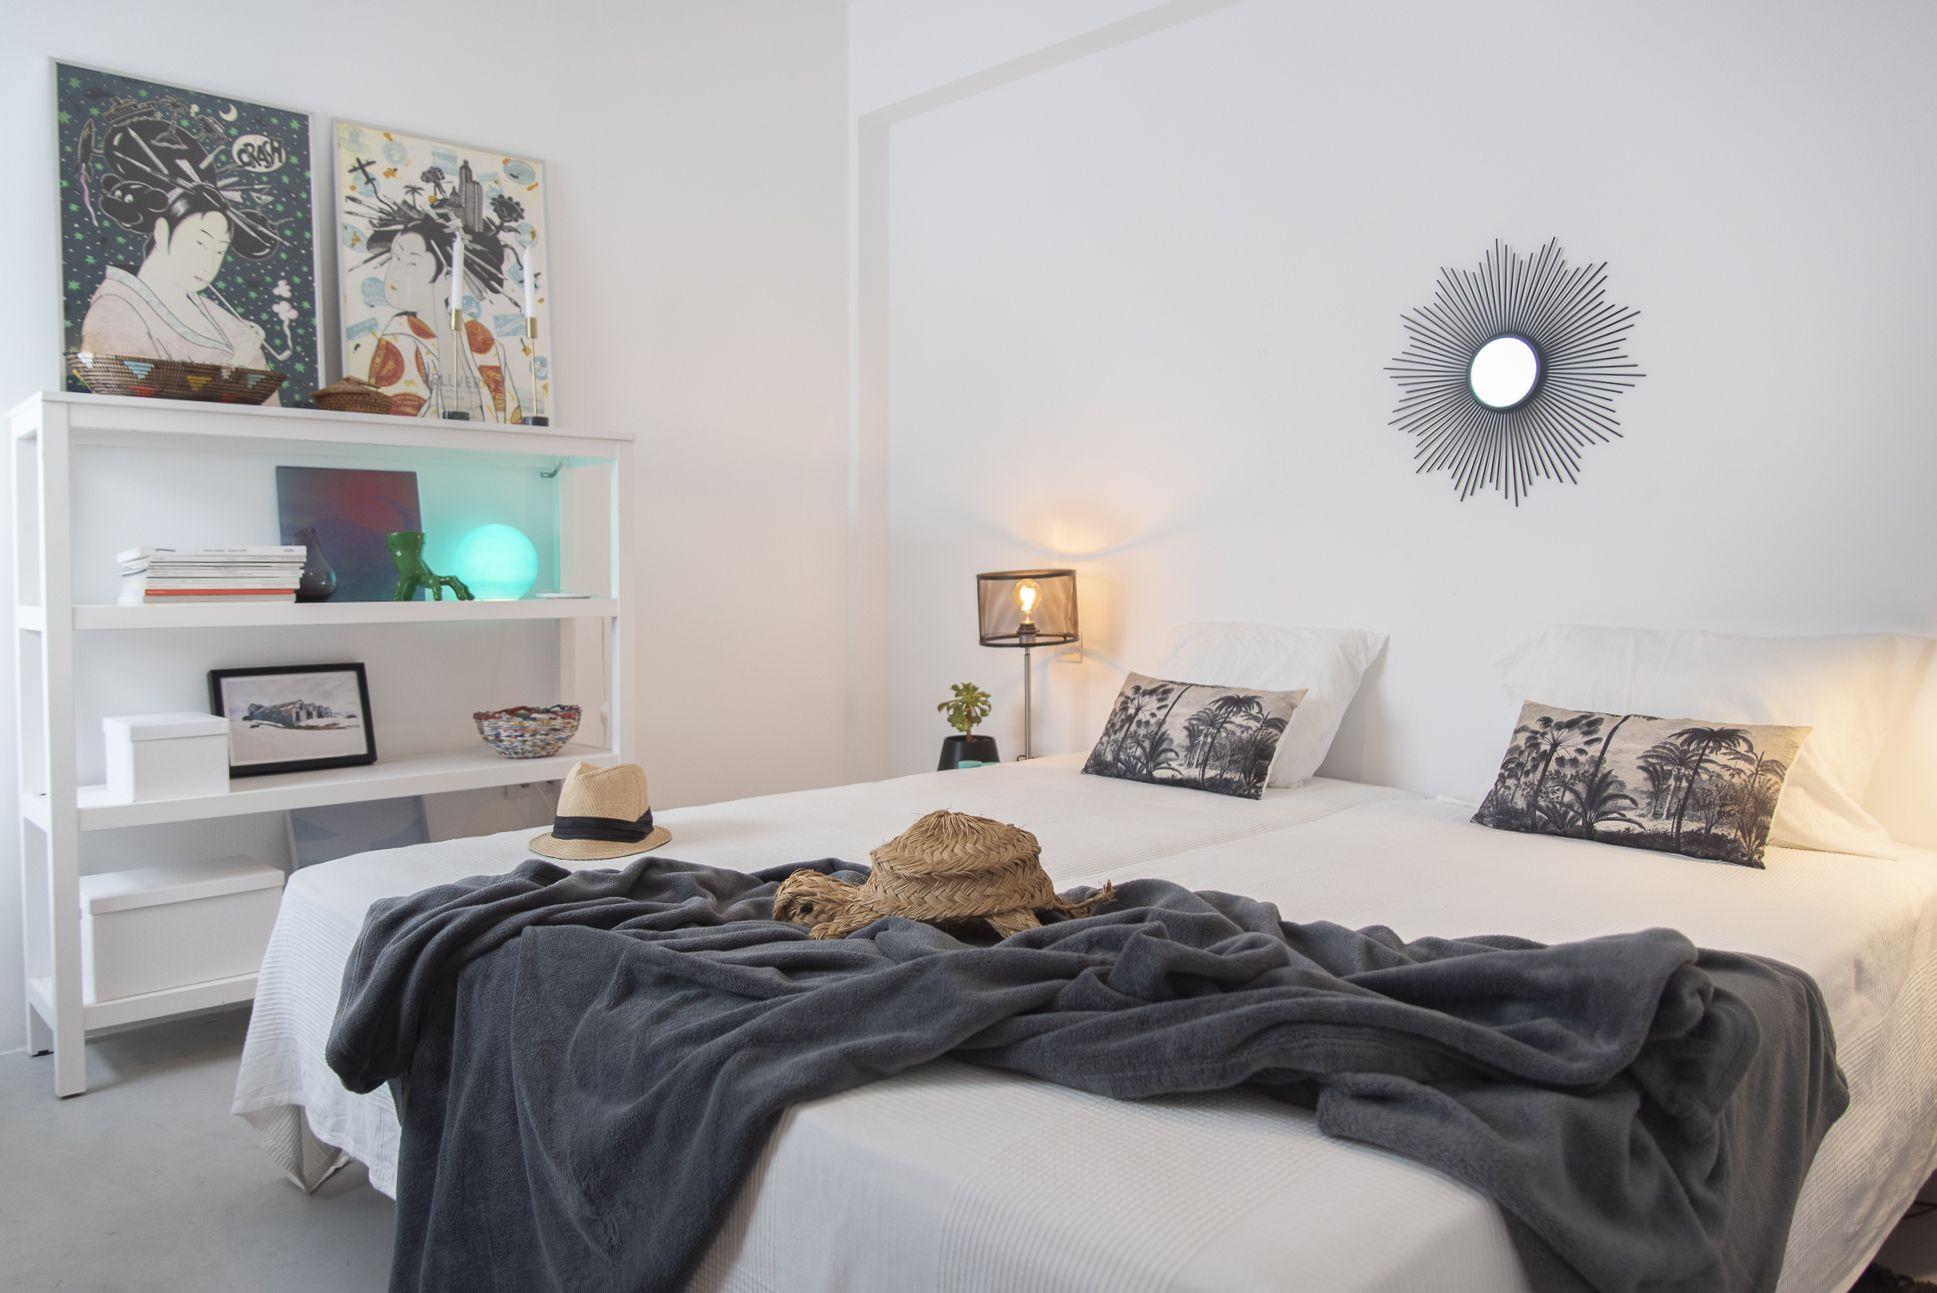 Doctor Guigou - Hotel Mencey - Habitación con vista cama y estantería